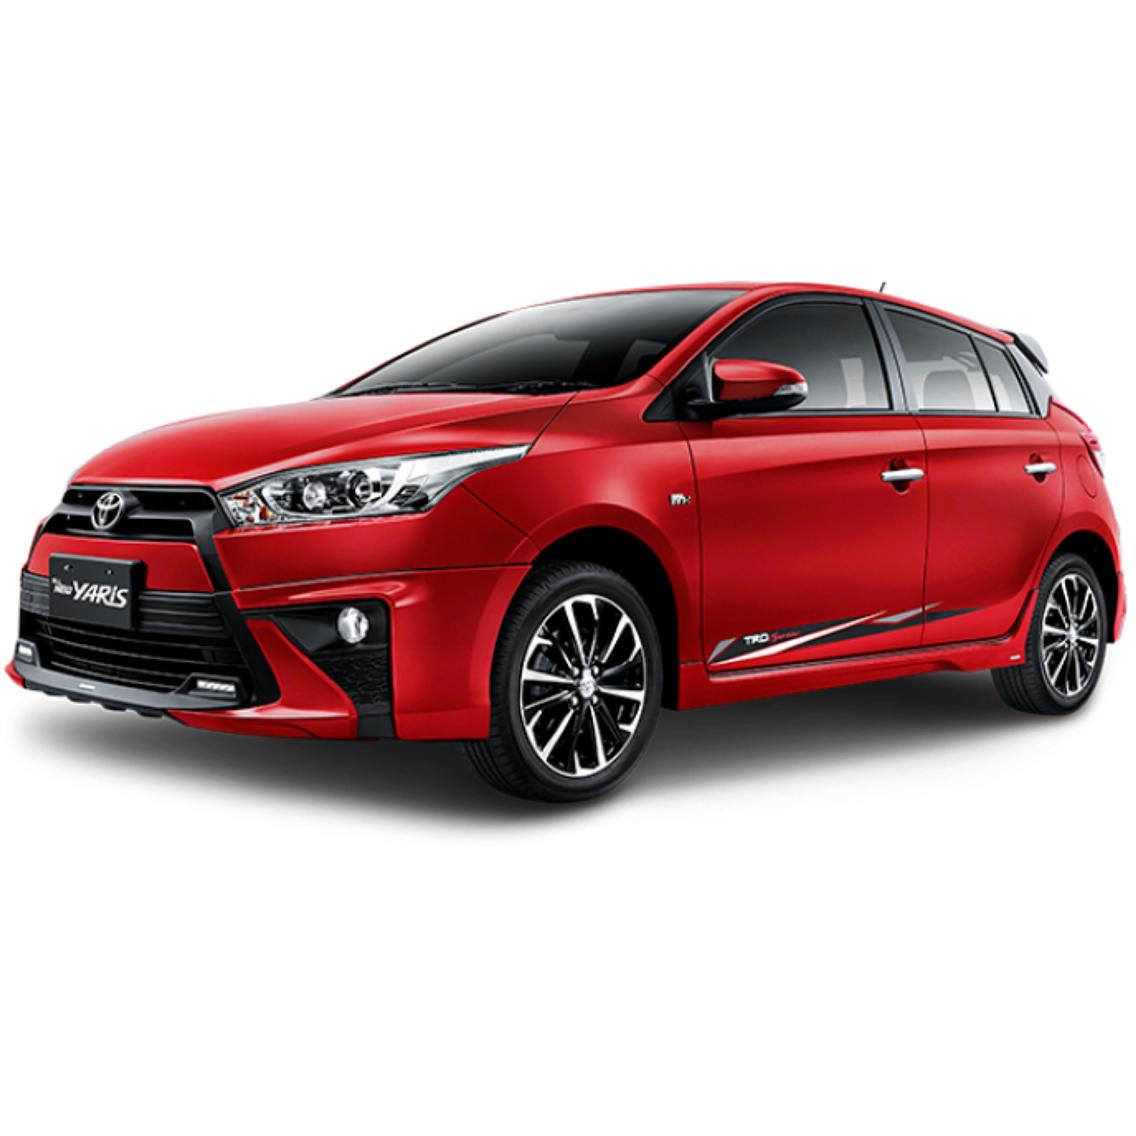 Harga New Yaris Trd 2018 Corolla Altis On Road Price Mobil Toyota Semarang Sales Promo Kredit